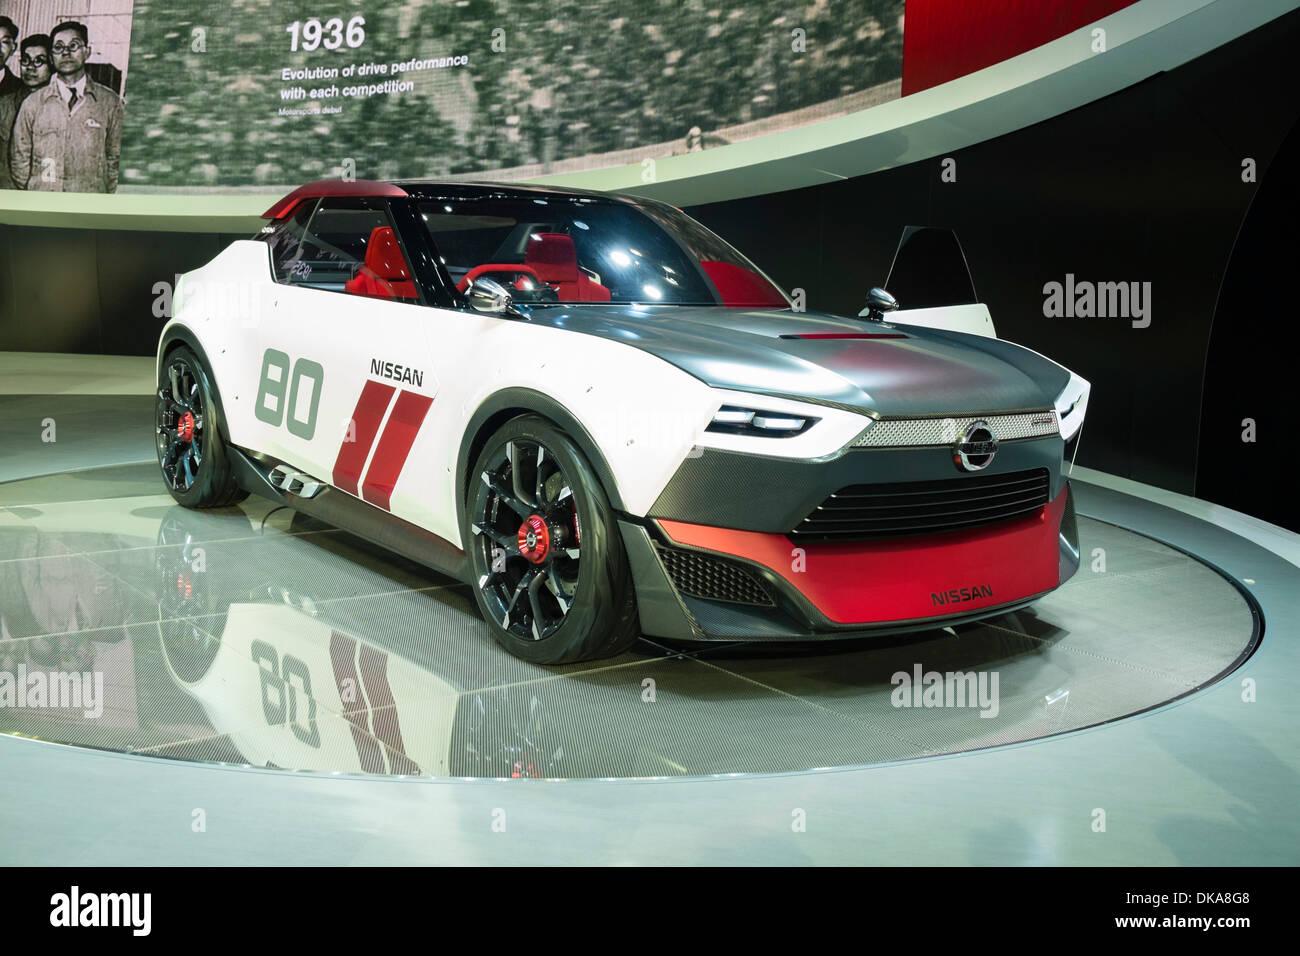 Nissan IDx Freeflow concept au Salon de l'automobile 2013 au Japon Photo Stock